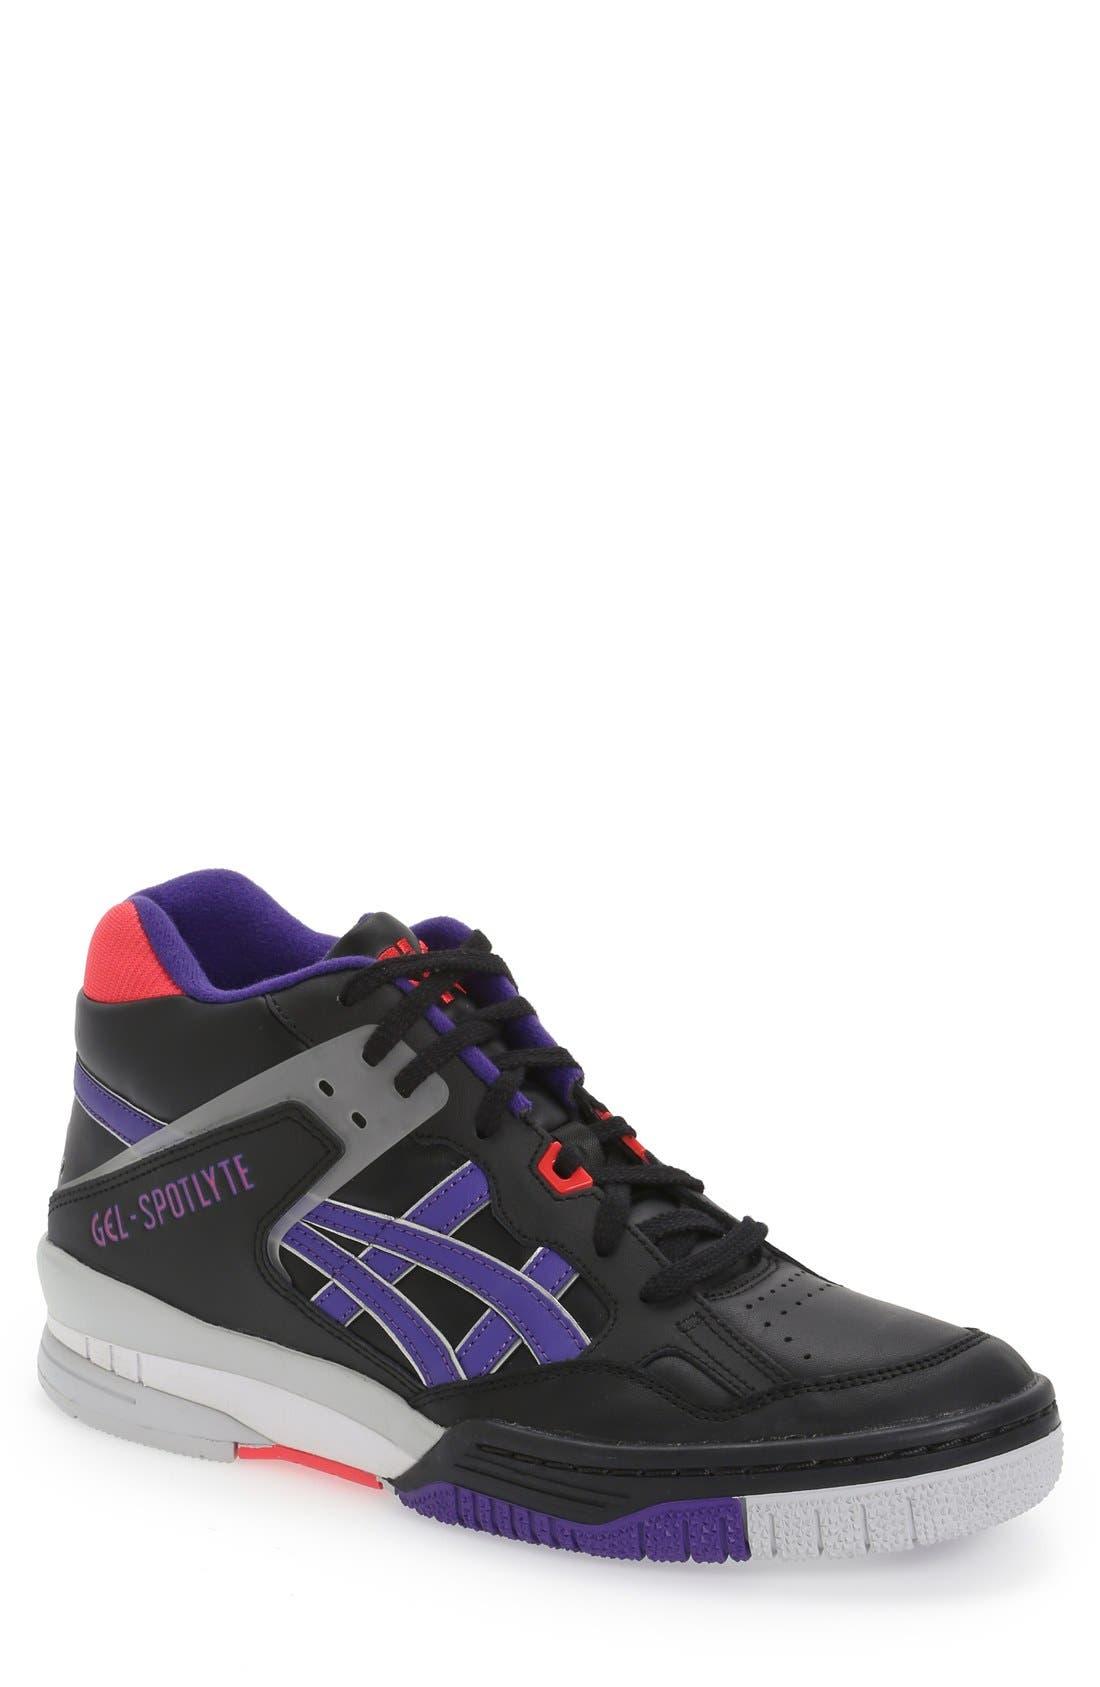 Main Image - ASICS® 'GEL-Spotlyte' Sneaker (Men)